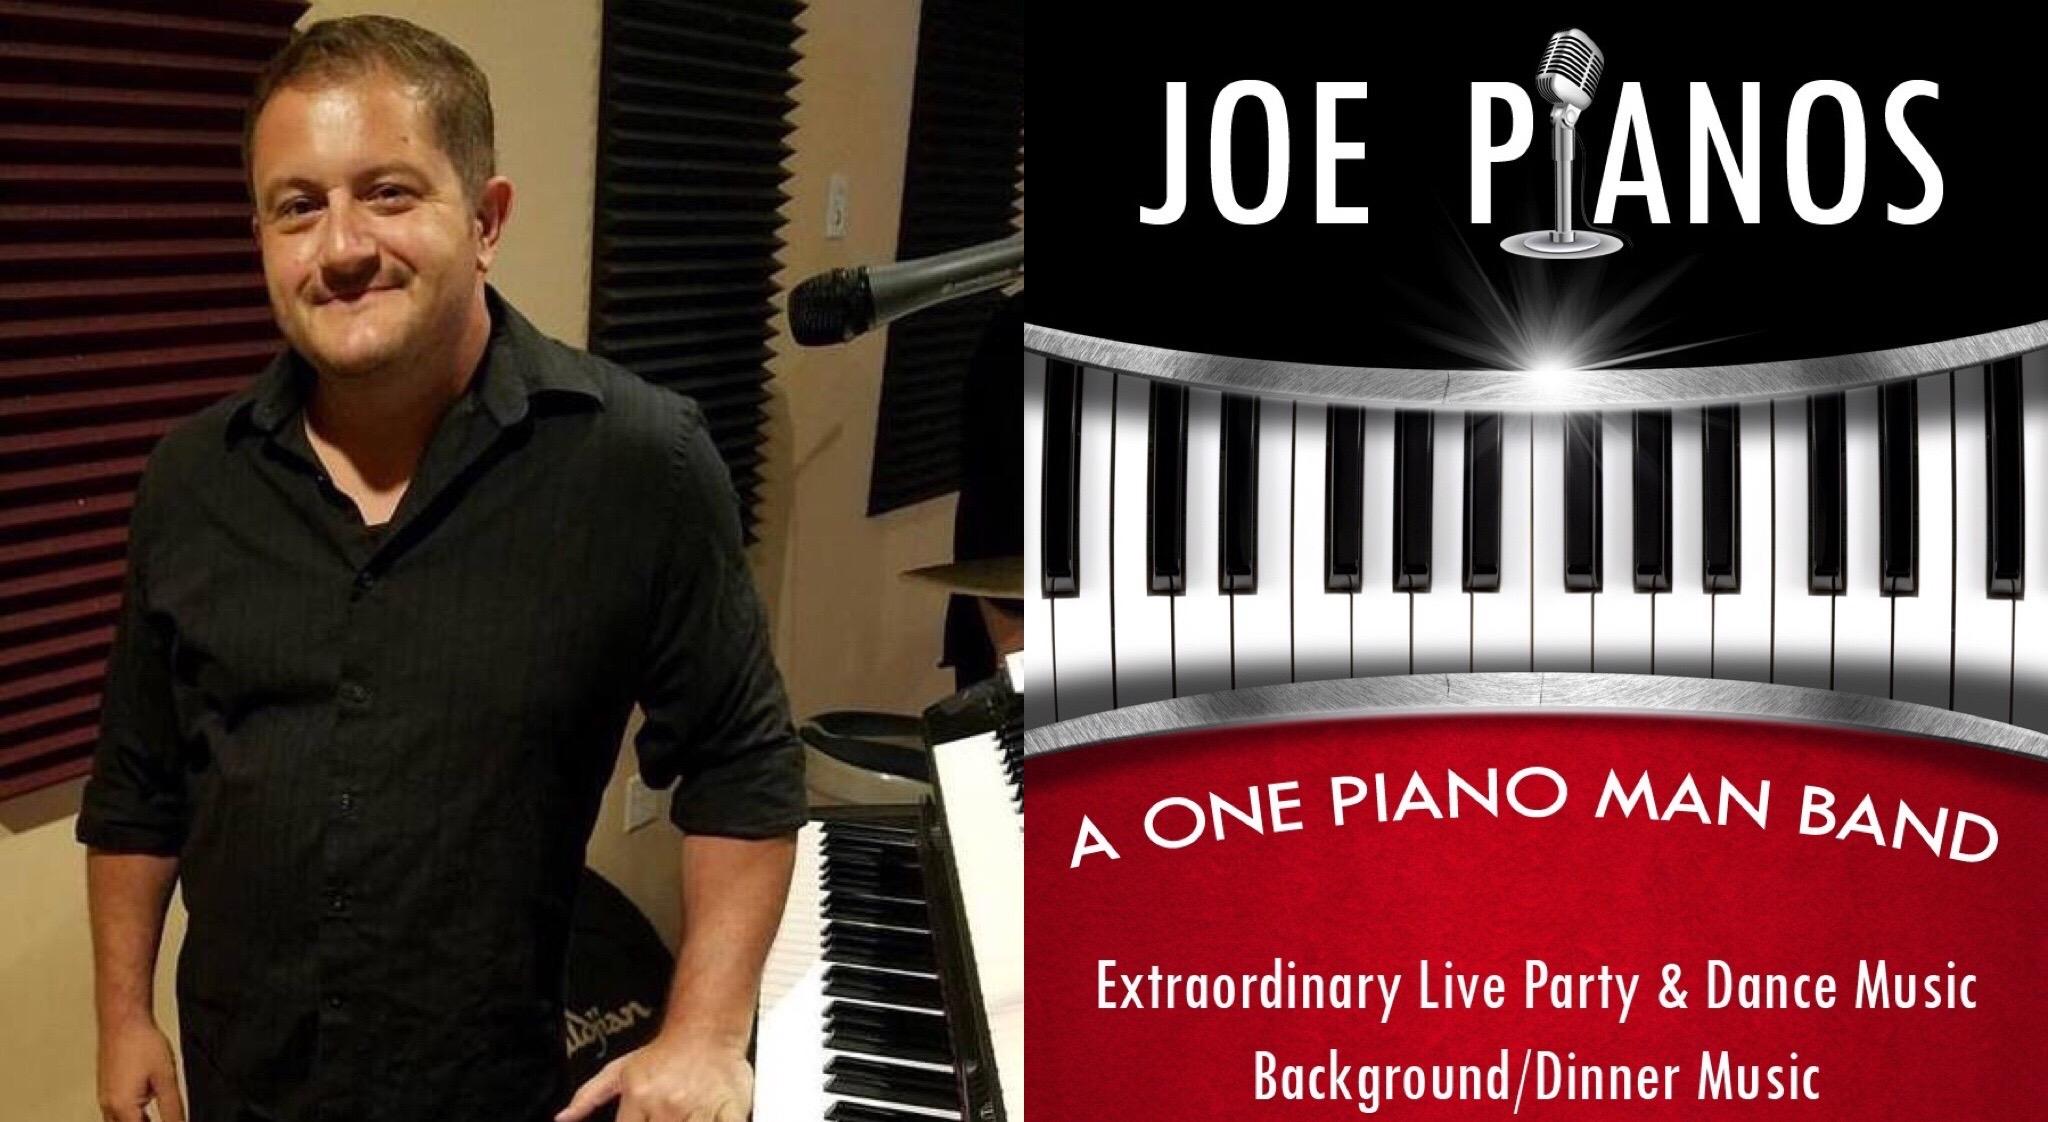 Joe Pianos